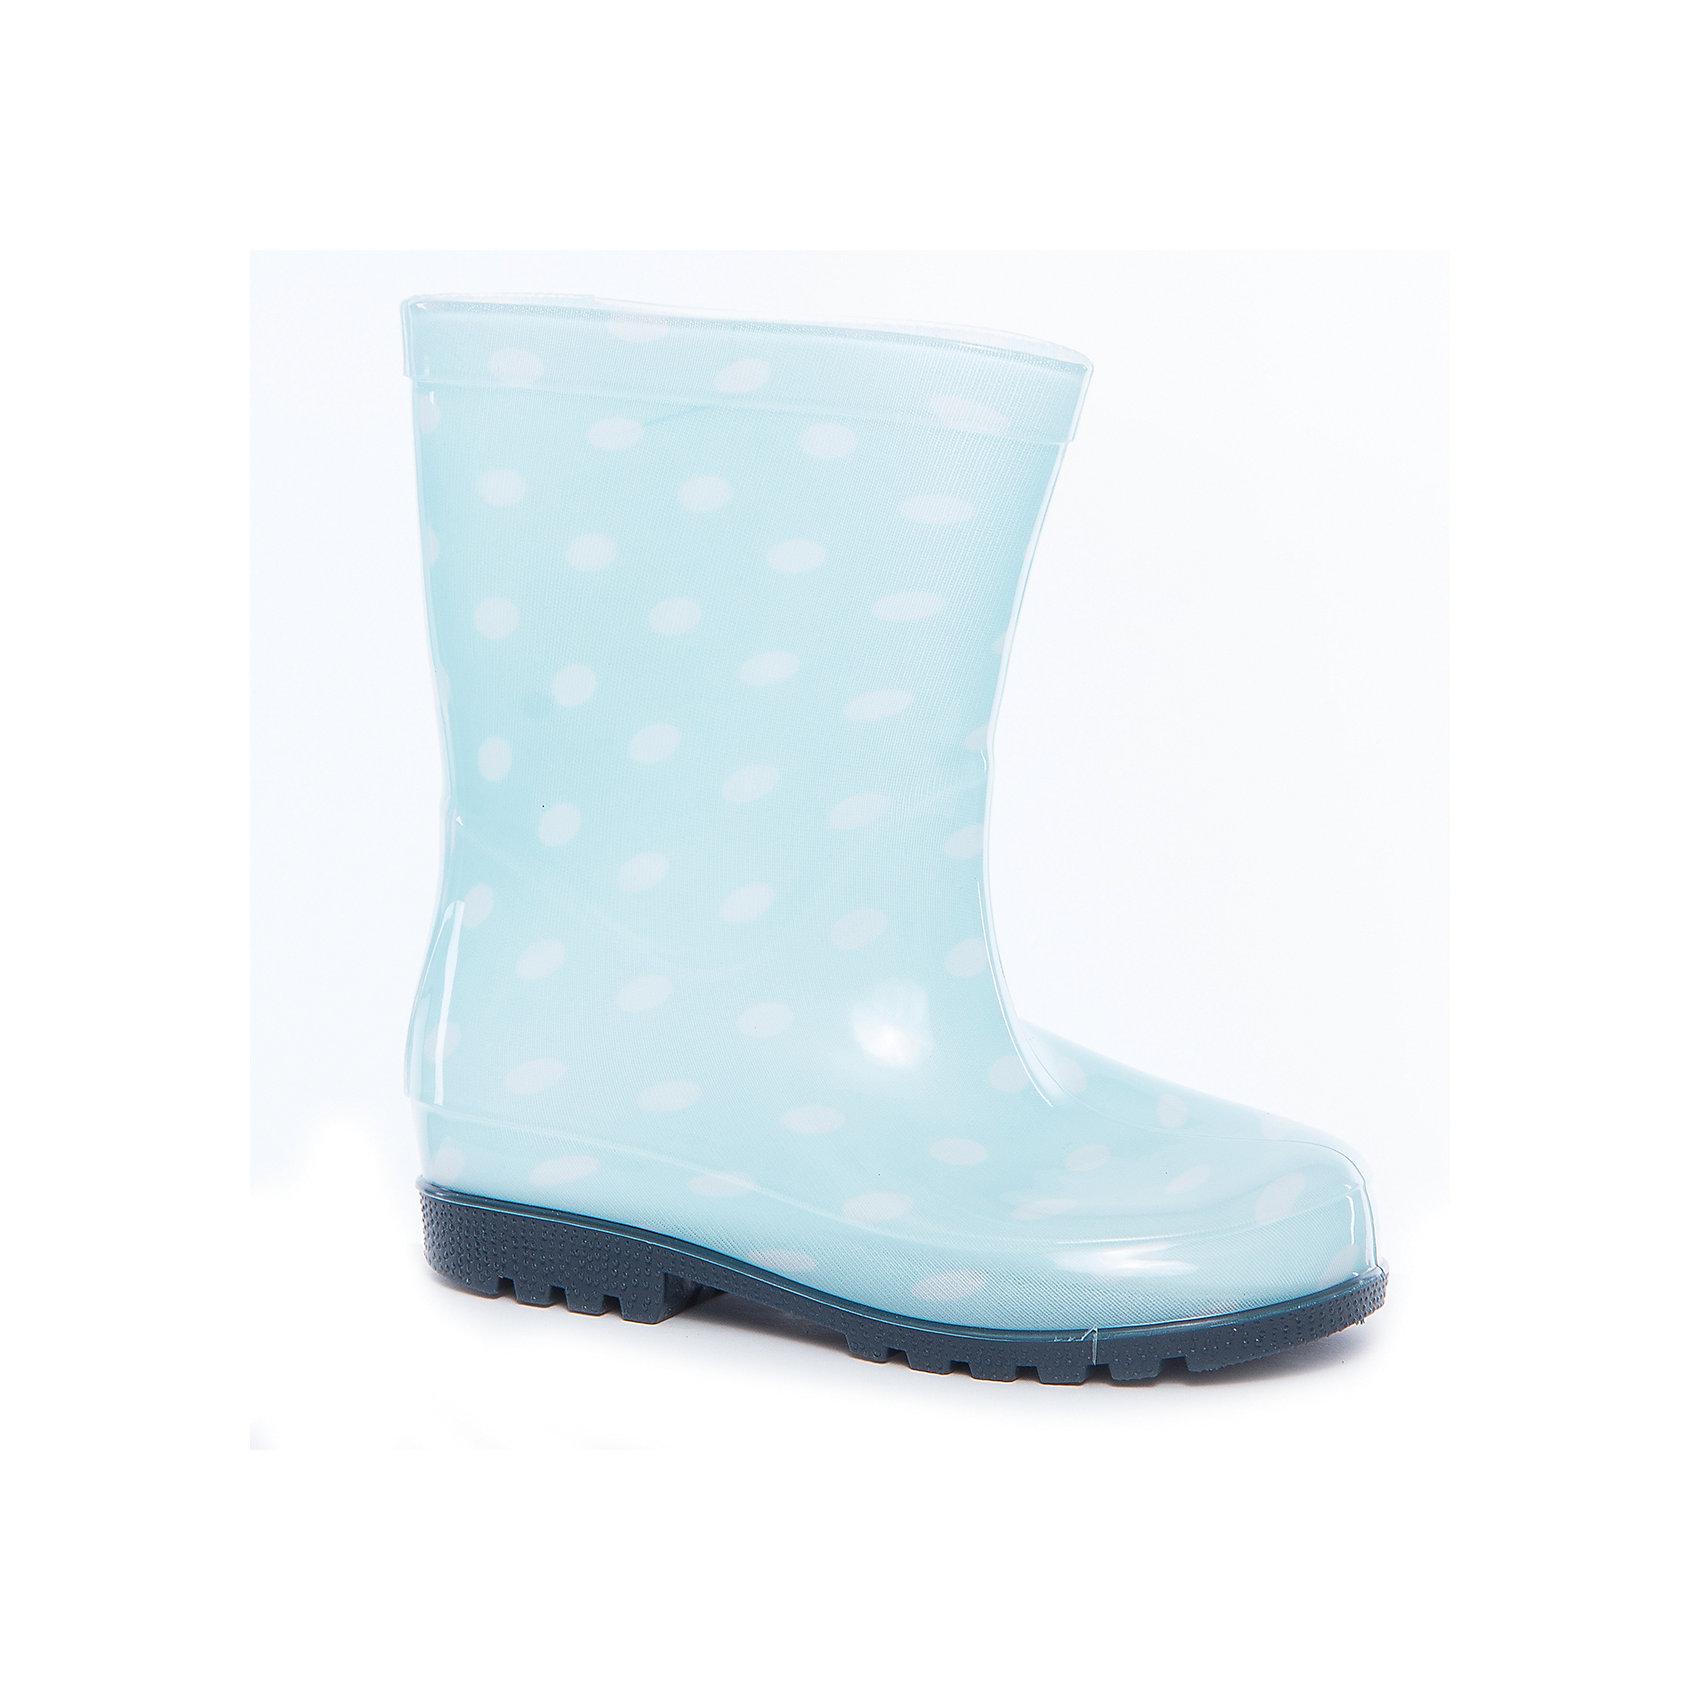 Резиновые сапоги  для девочки PlayTodayРезиновые сапоги<br>Сапоги для девочки PlayToday<br>Стильные сапоги прекрасно подойдут для прогулок в дождливую погоду. Подошва из гибкого, не скользящего материала. Рифление обеспечивает хорошее сцепление с поверхностью. Удобная пятка укреплена жестким задником. Модель плотно садится на ноге ребенка, что обеспечивает комфорт при носке. <br><br>Преимущества: <br><br>Подошва из гибкого, нескользящего материала<br>Рифление подошвы обеспечивает хорошее сцепление с поверхностью<br>Сапоги на небольшом устойчивом каблуке<br><br>Состав:<br>Верх:100%поливинилхлорид;Подкладка:100%нейлон;Подошва:100%поливинилхлорид<br><br>Ширина мм: 257<br>Глубина мм: 180<br>Высота мм: 130<br>Вес г: 420<br>Цвет: голубой<br>Возраст от месяцев: 60<br>Возраст до месяцев: 72<br>Пол: Женский<br>Возраст: Детский<br>Размер: 29,30,31,33,34,32,35,28<br>SKU: 5404681